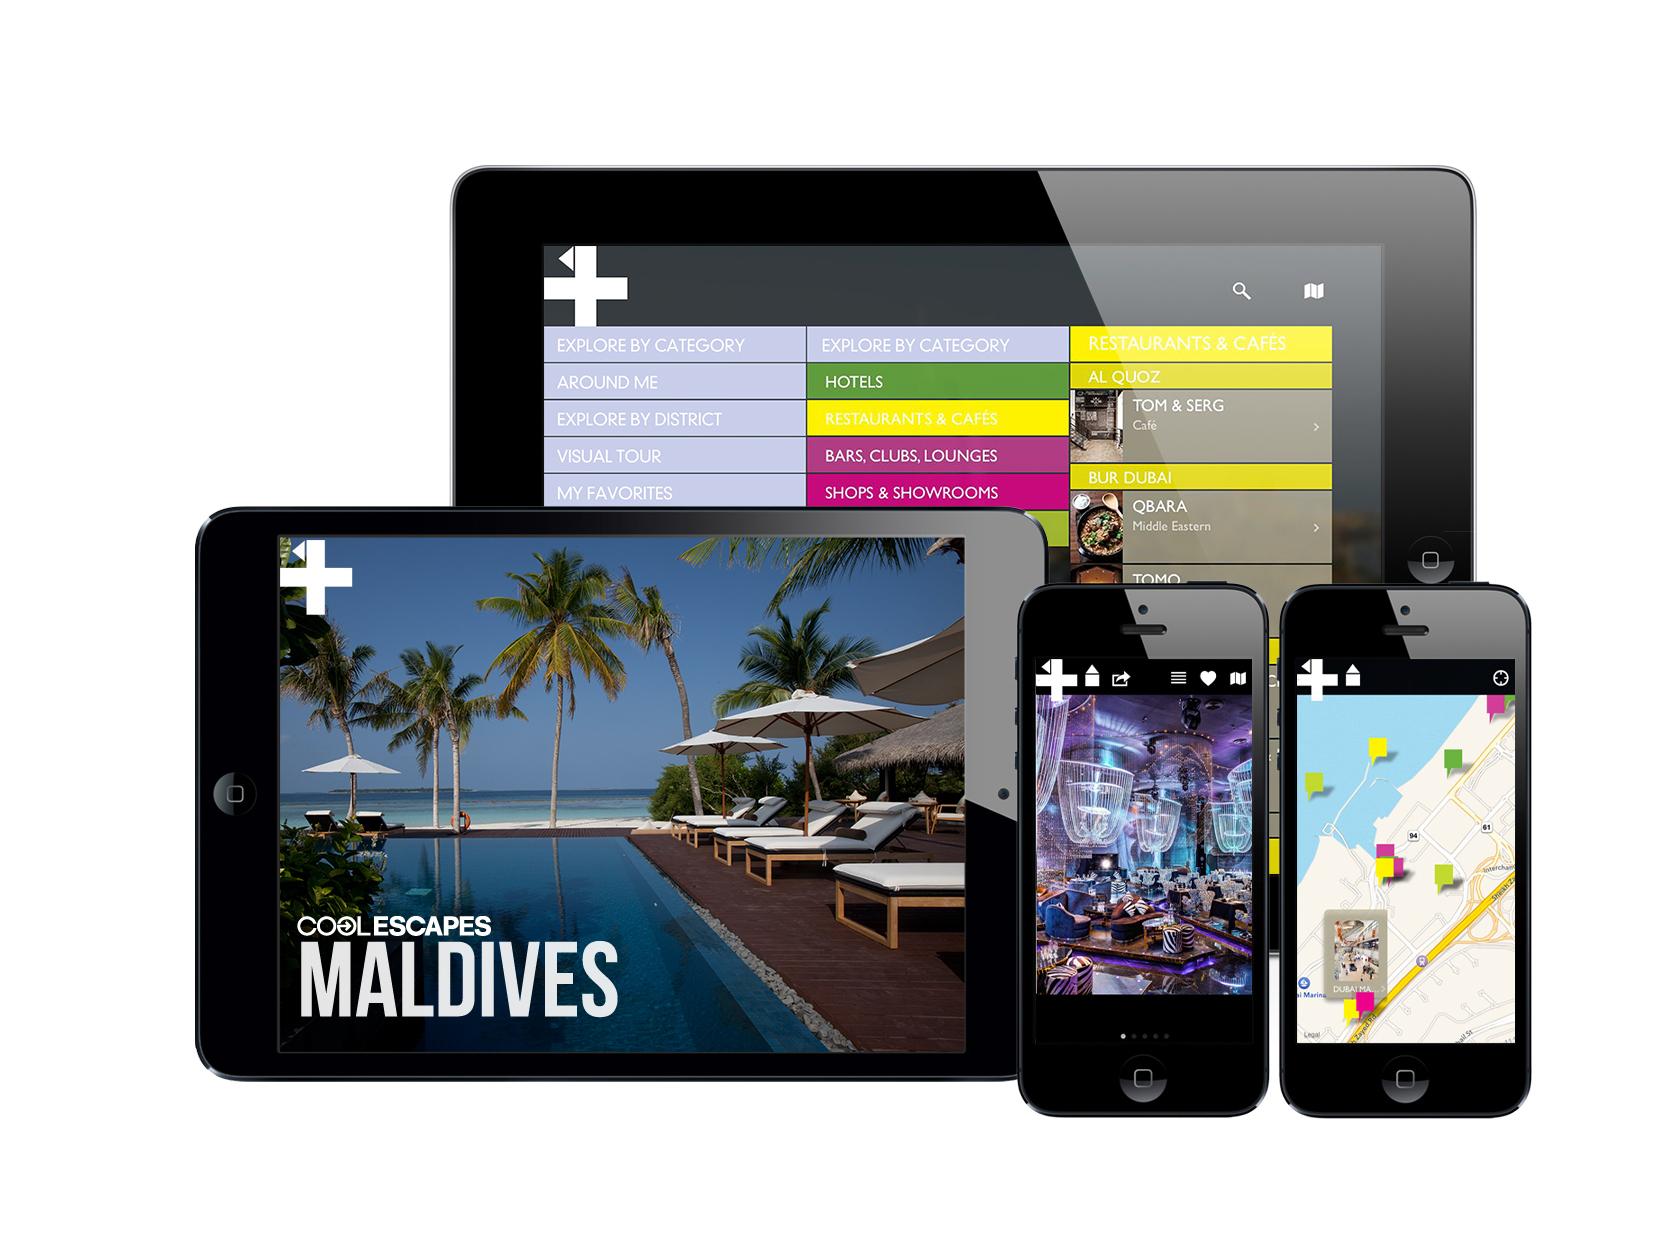 COOL ESCAPES MALDIVES APP